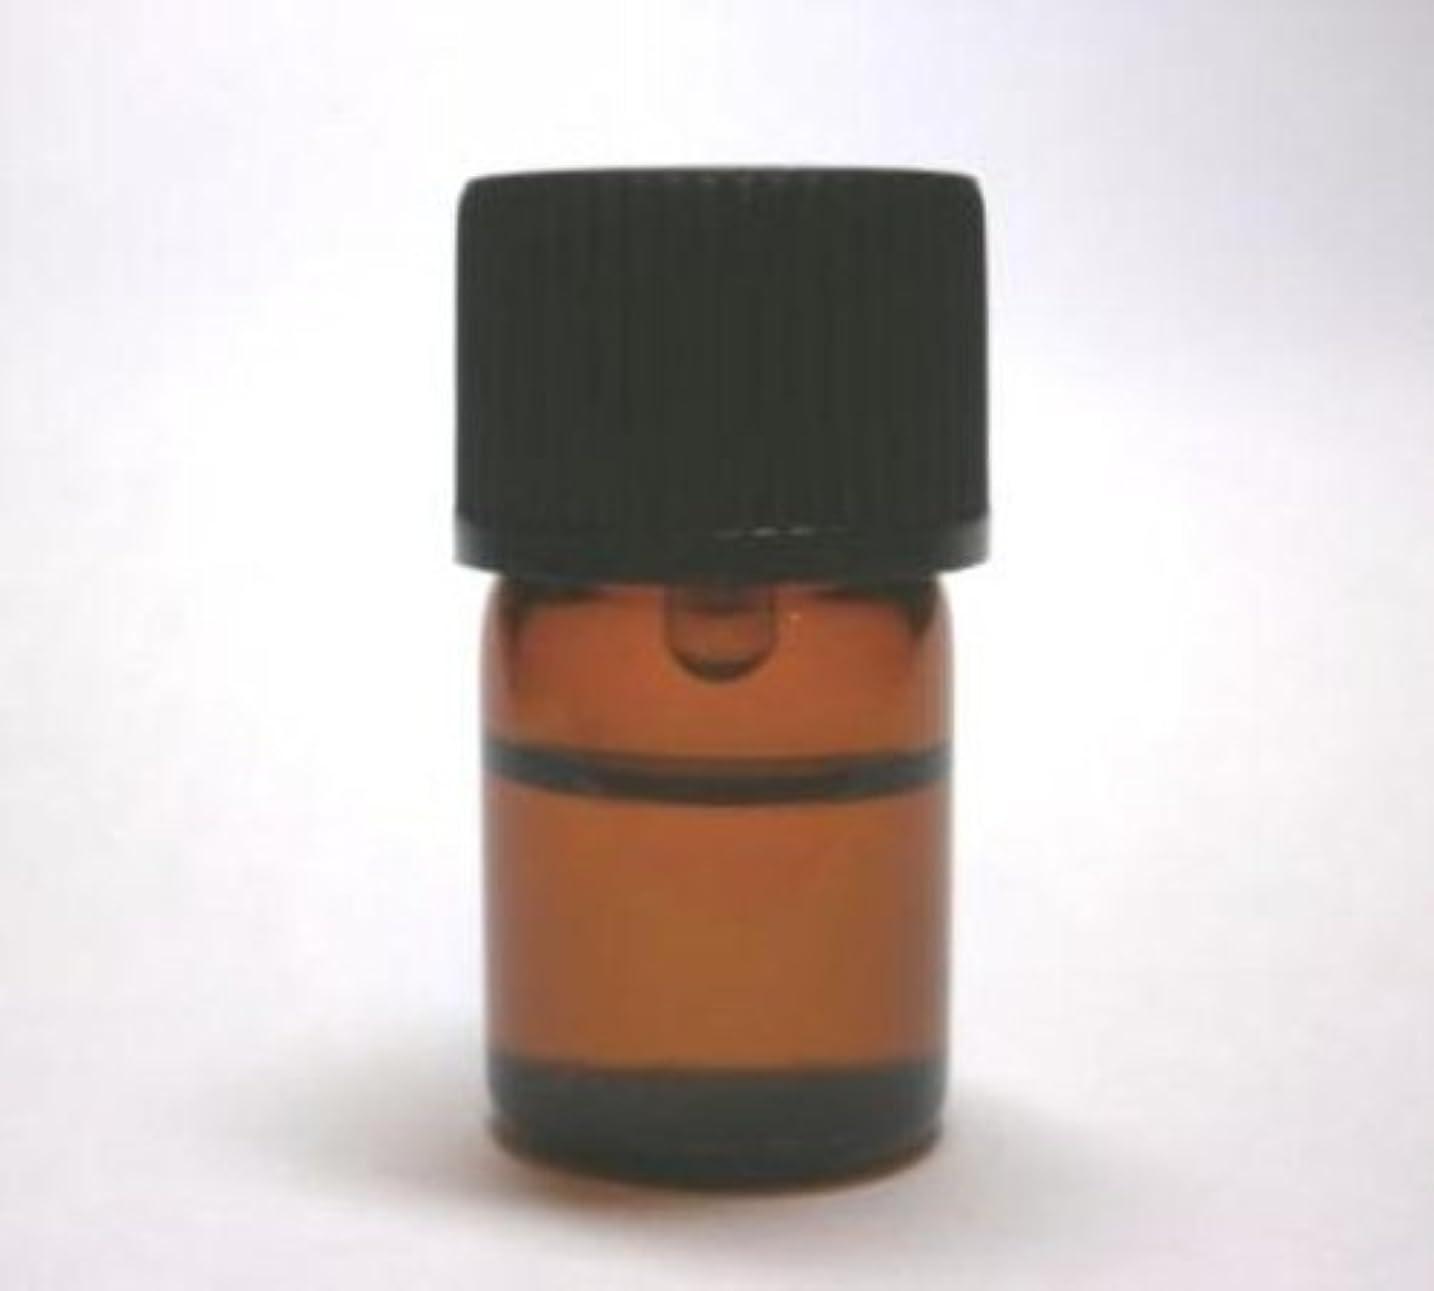 あいさつ再び浮くローズオットー100%:3ml/ローズエッセンシャルオイル/ローズ精油/ローズオイル